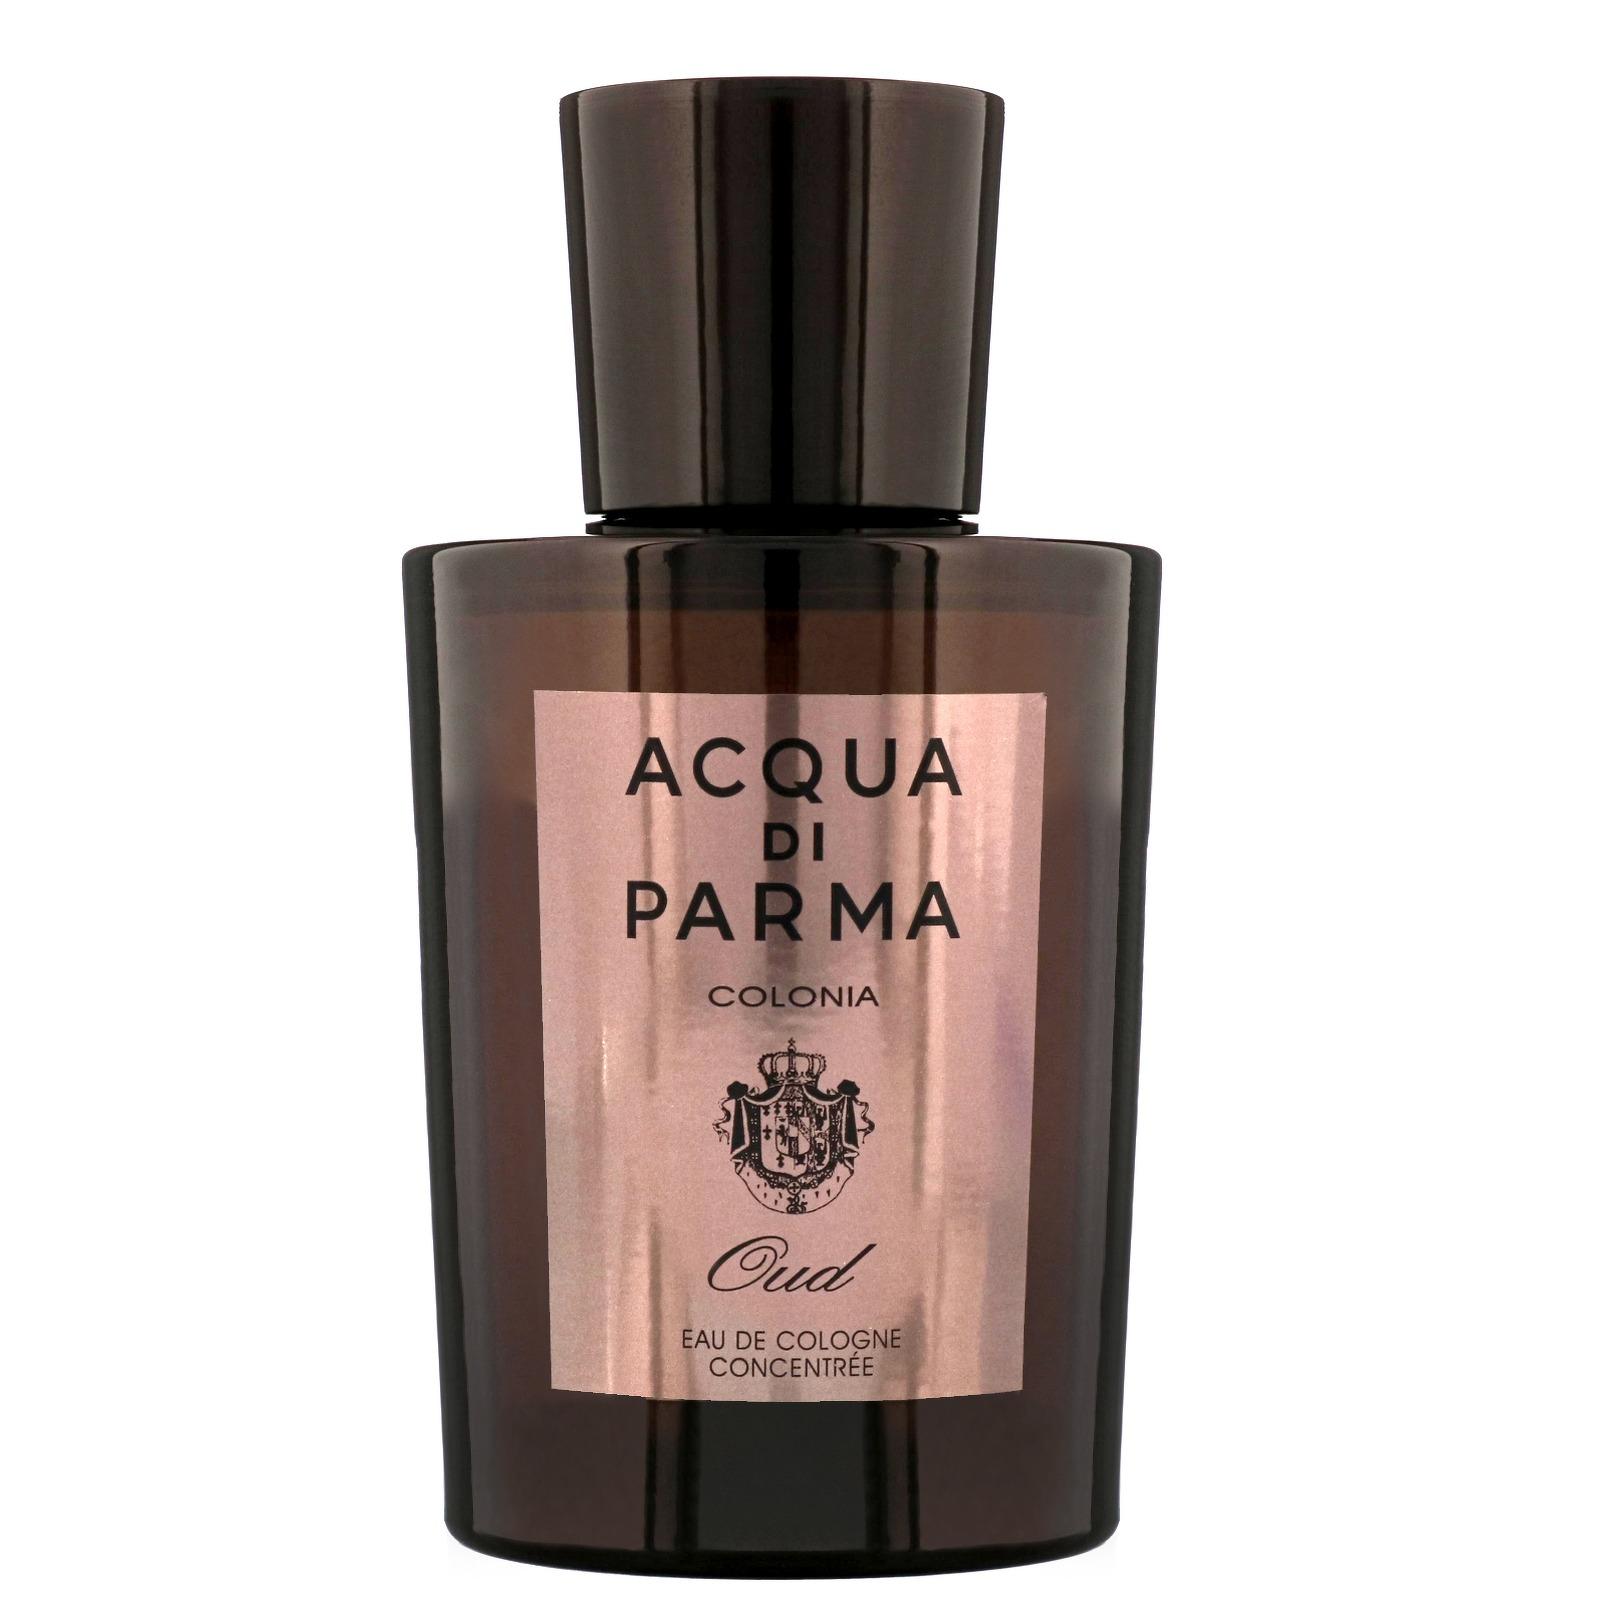 Acqua Di Parma Colonia Oud Eau de Cologne Concentree Natural Spray 100ml @ AllBeauty for £104.45